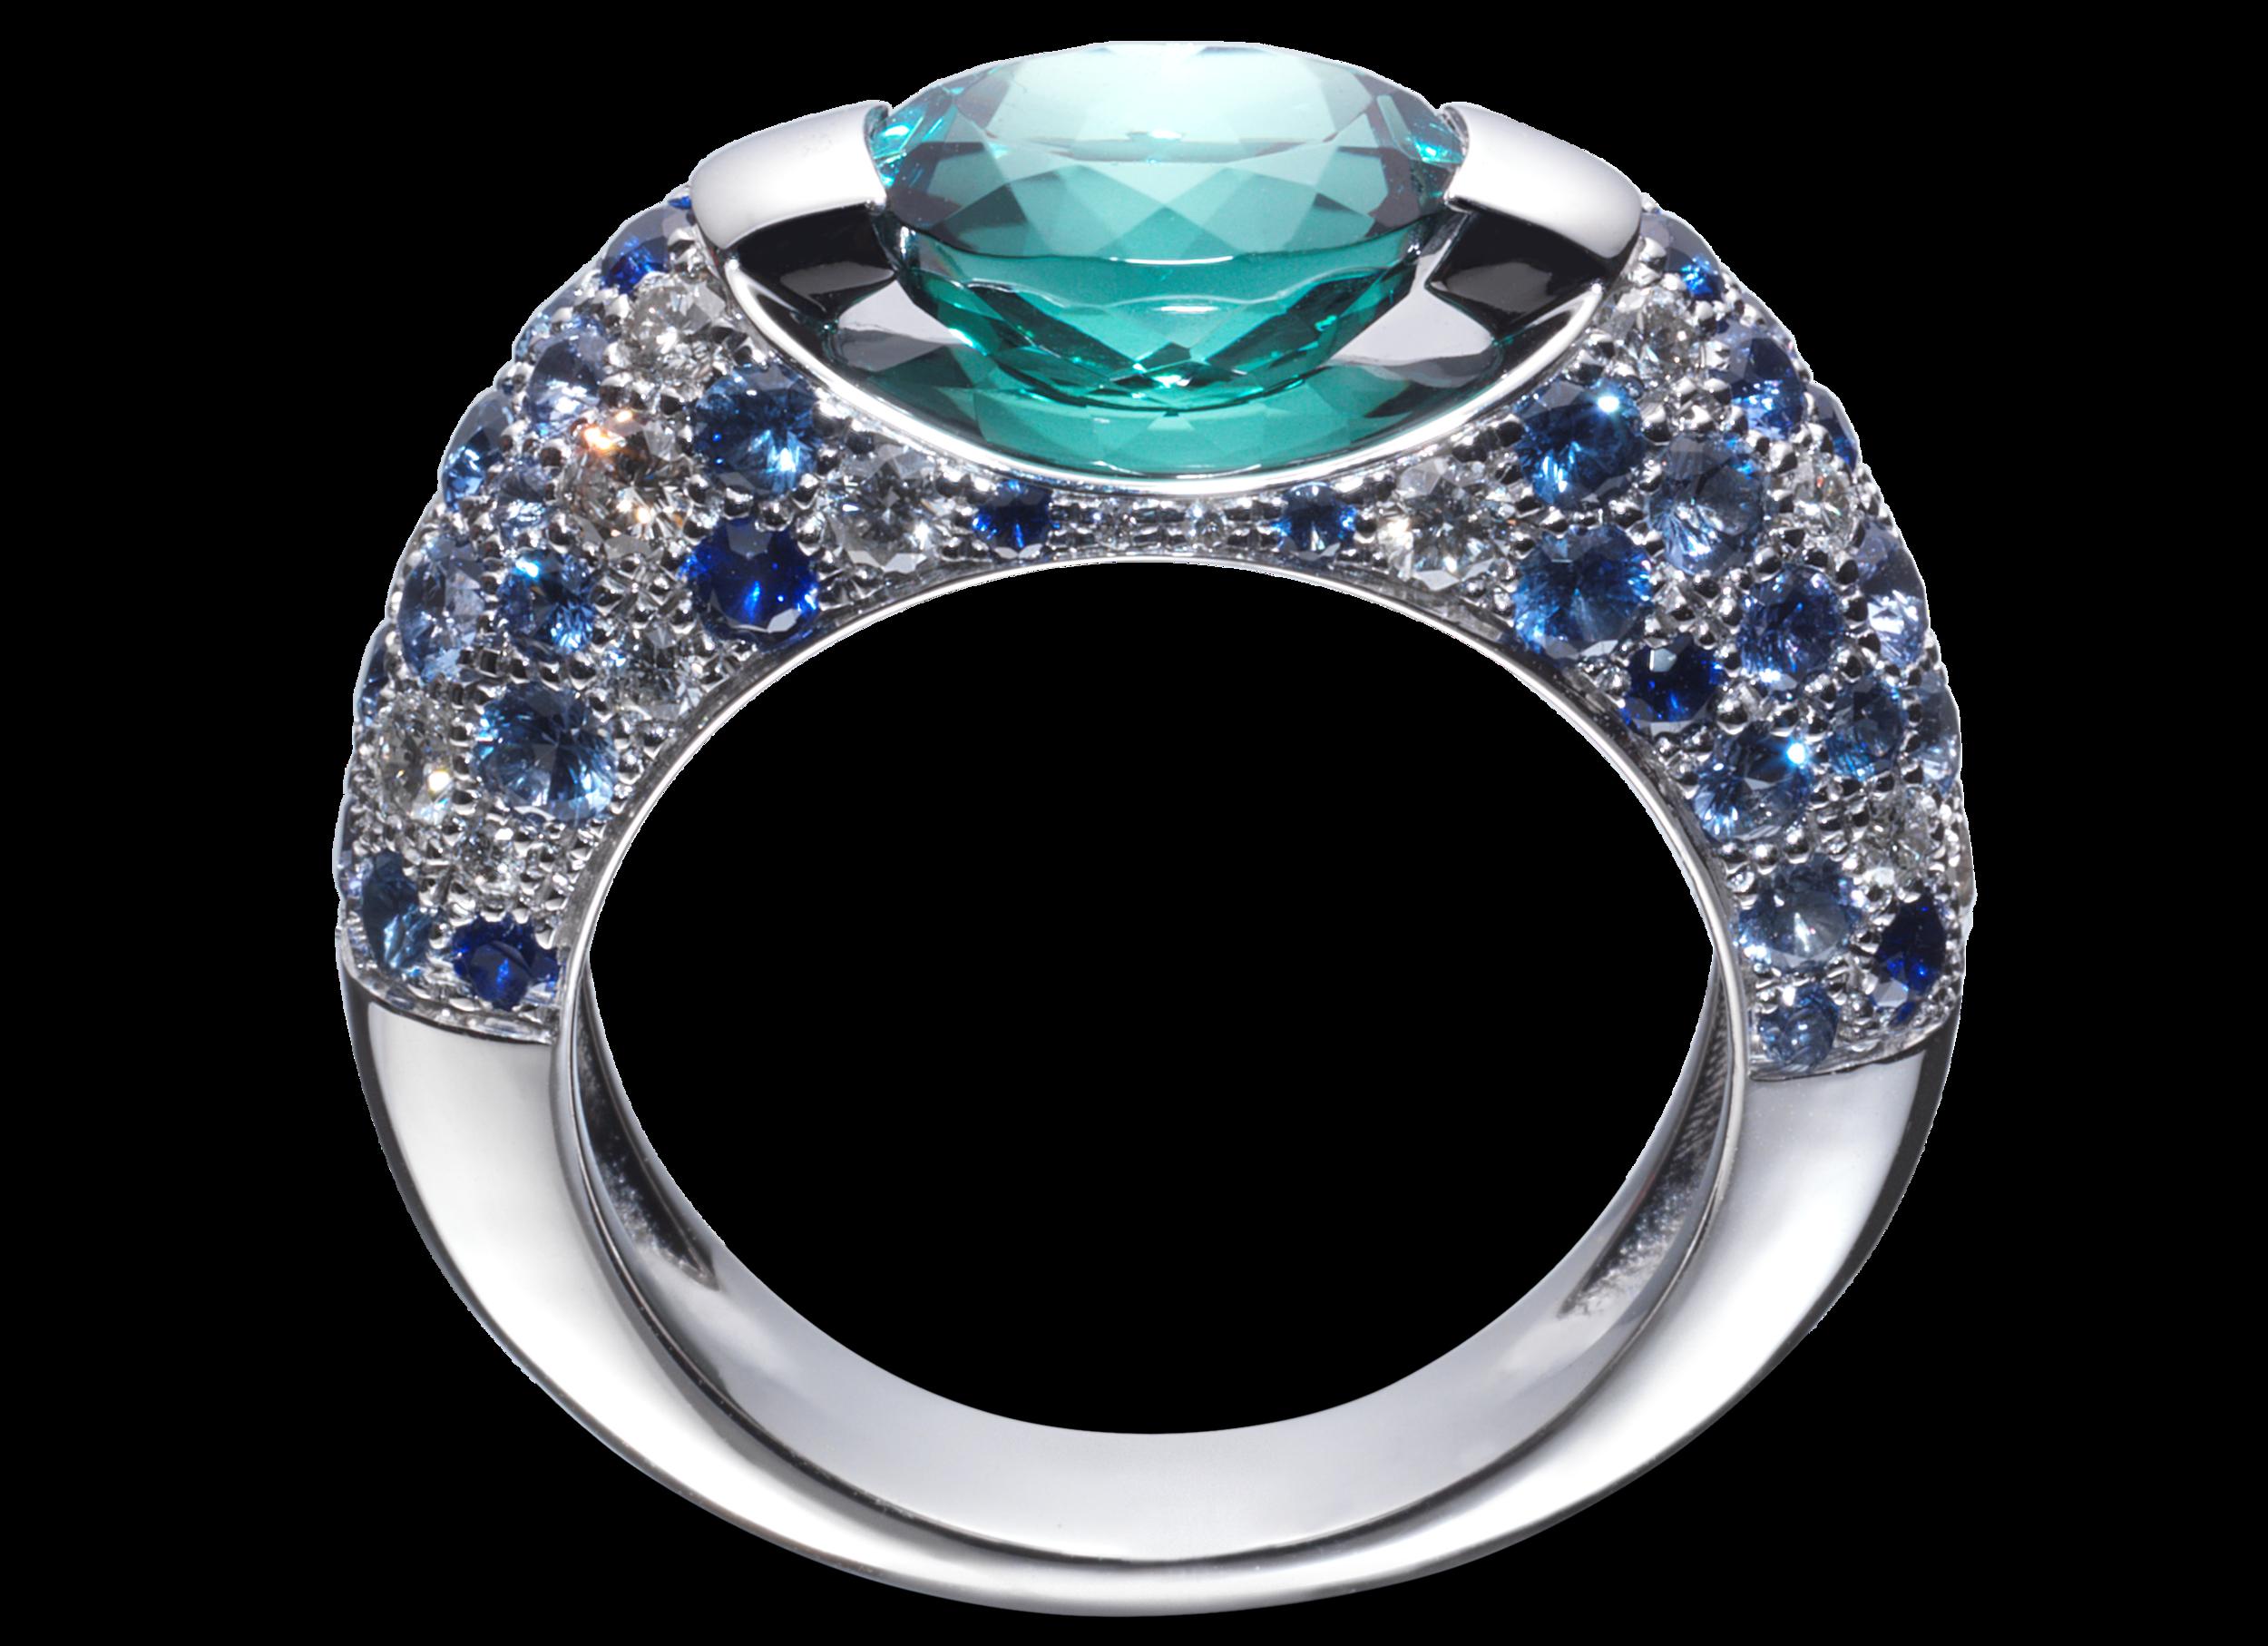 Bague Eolia or blanc Indigolite 2,24 carats et pavage diamants et saphirs.png